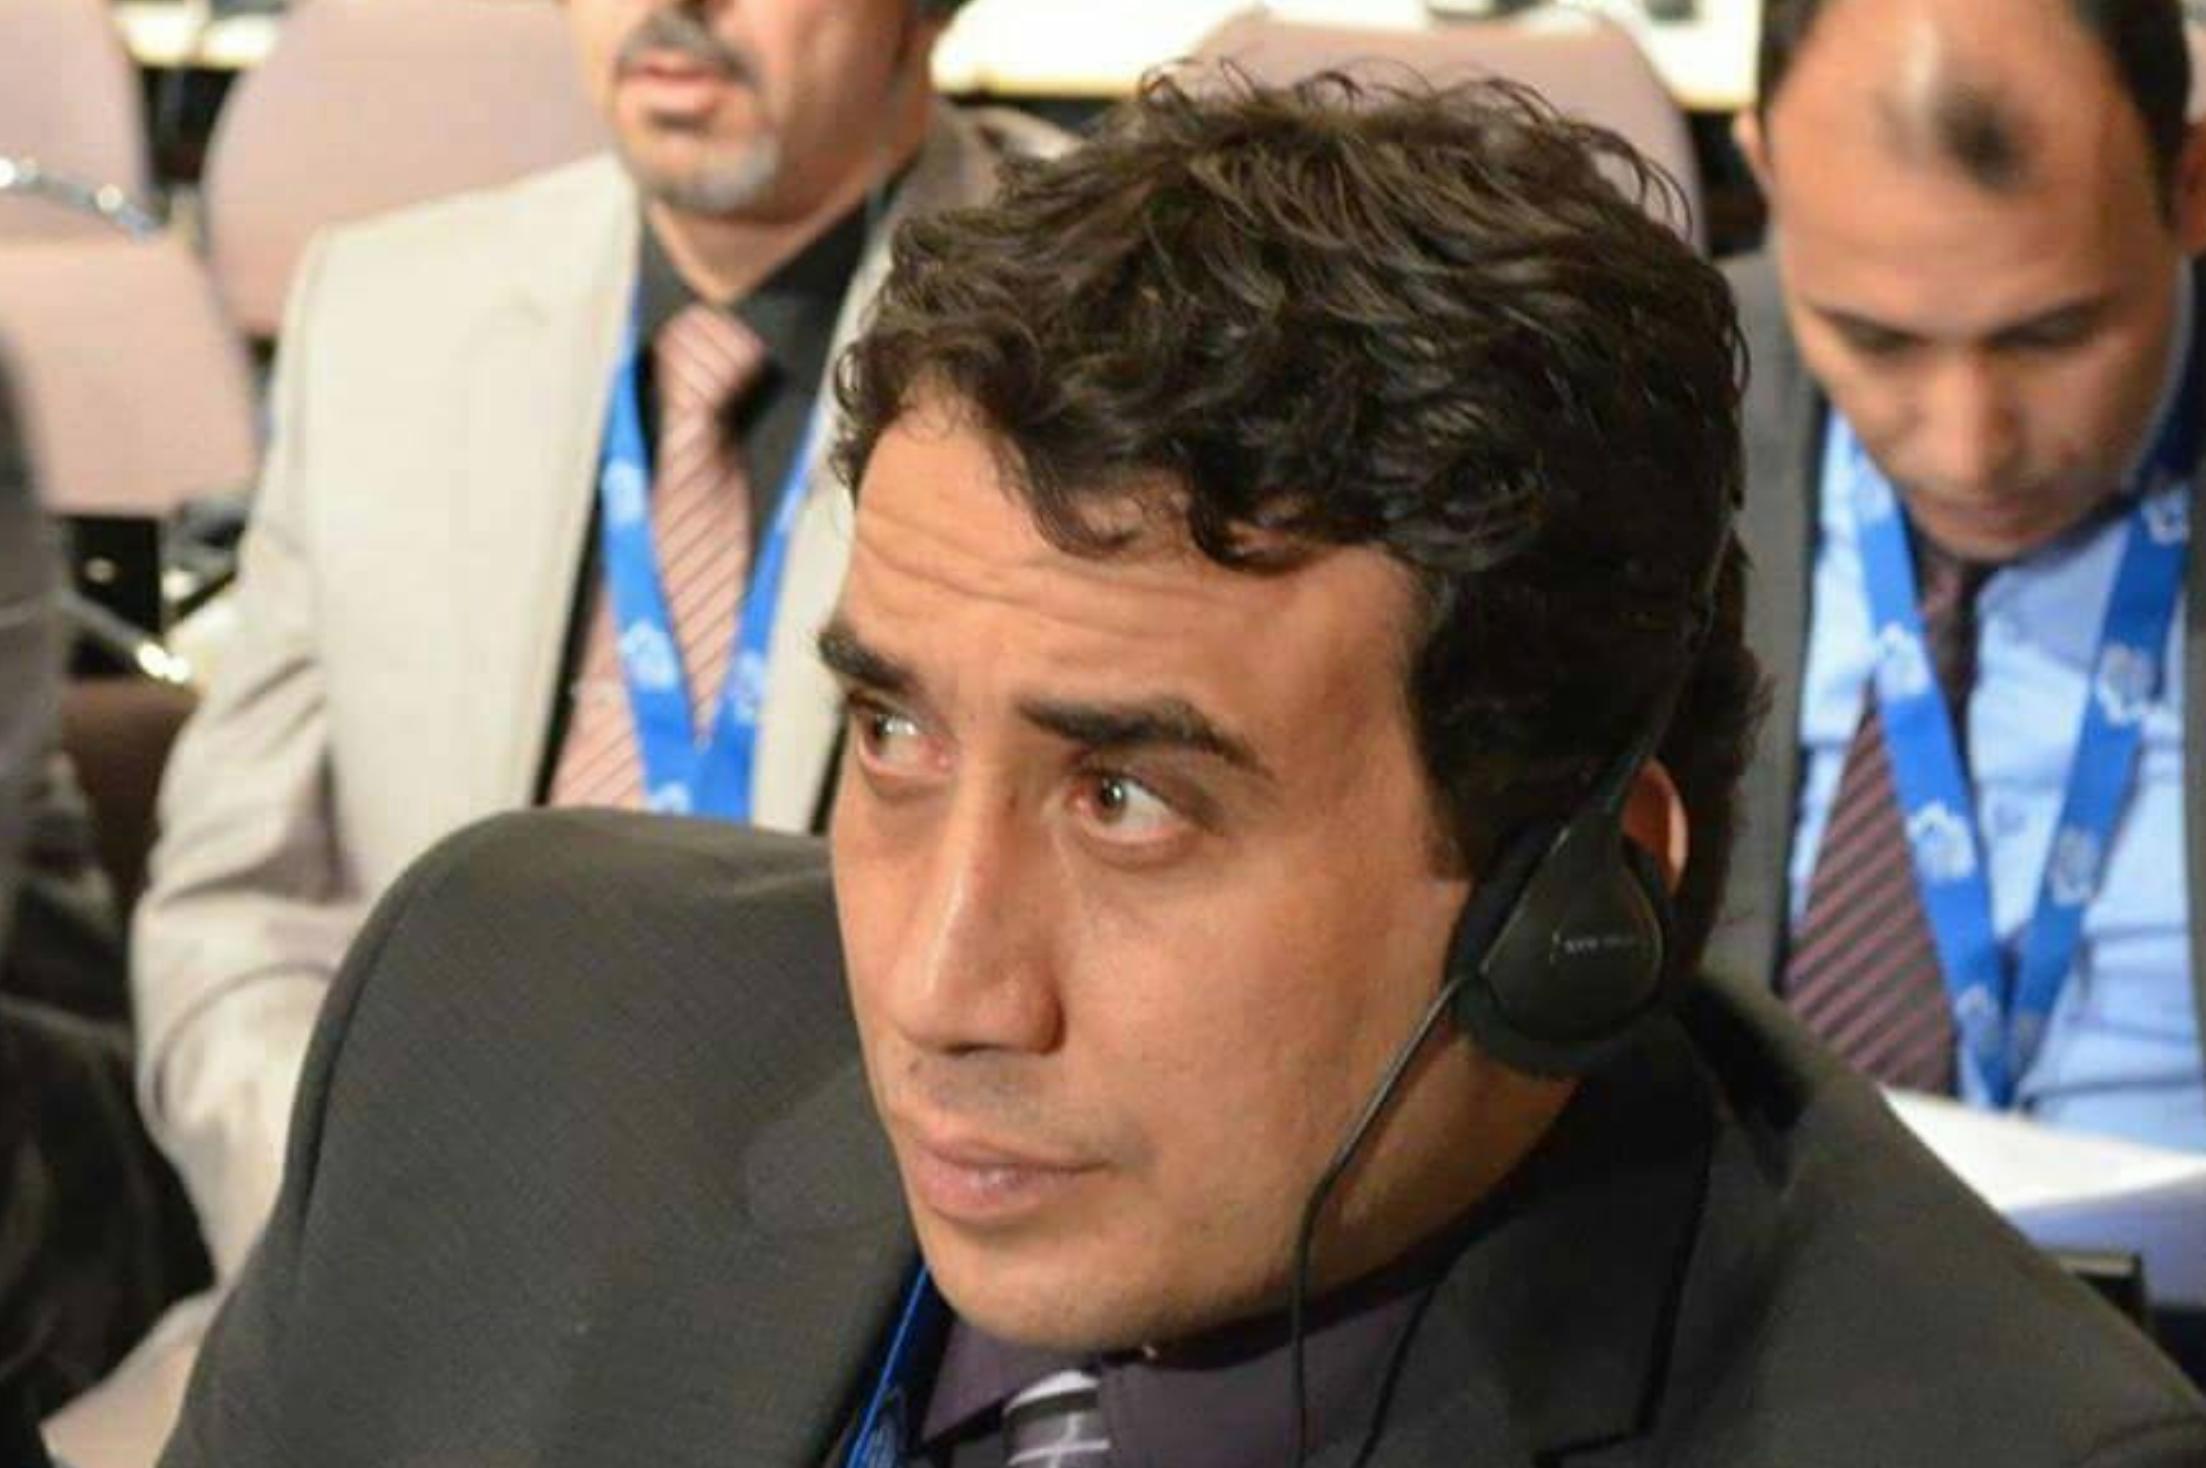 اليونان تطرد سفير الوفاق بسبب اتفاقية السراج وأردوغان